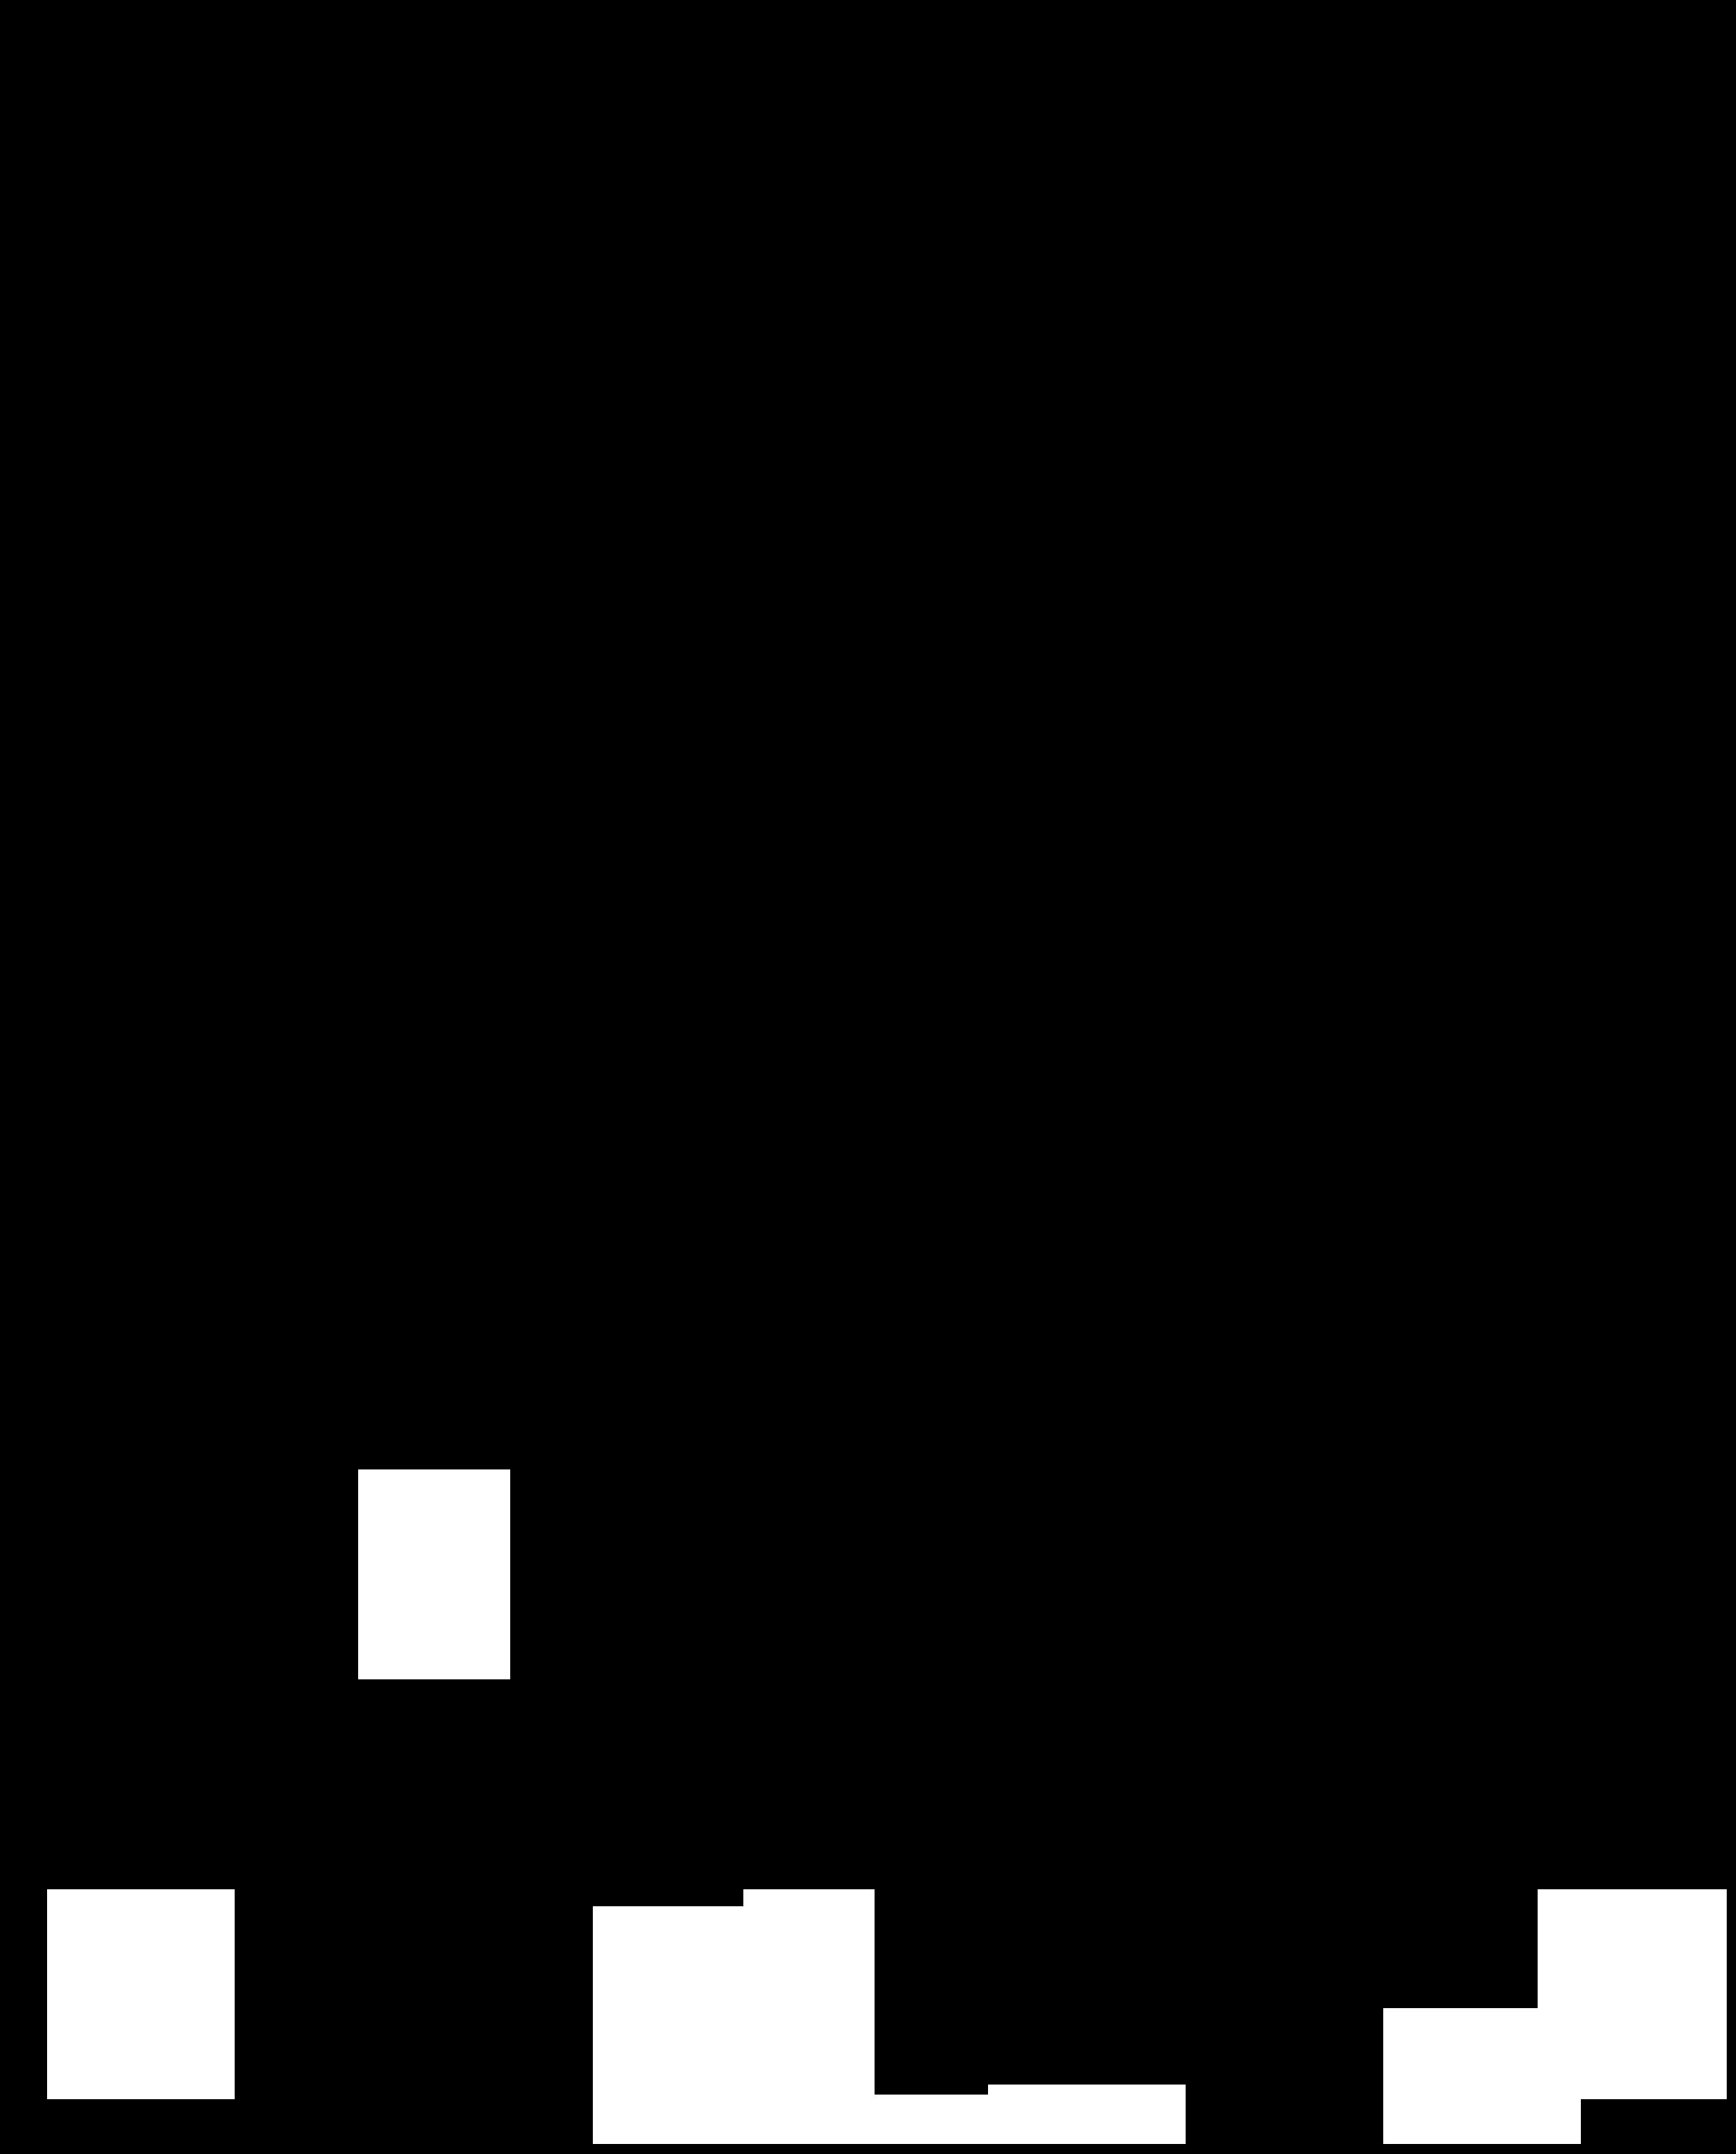 tron firebird lineart by rachaelm5 on deviantart rh rachaelm5 deviantart com fairy coloring pages for adults phoenix coloring pages for adults - Line Art Coloring Pages